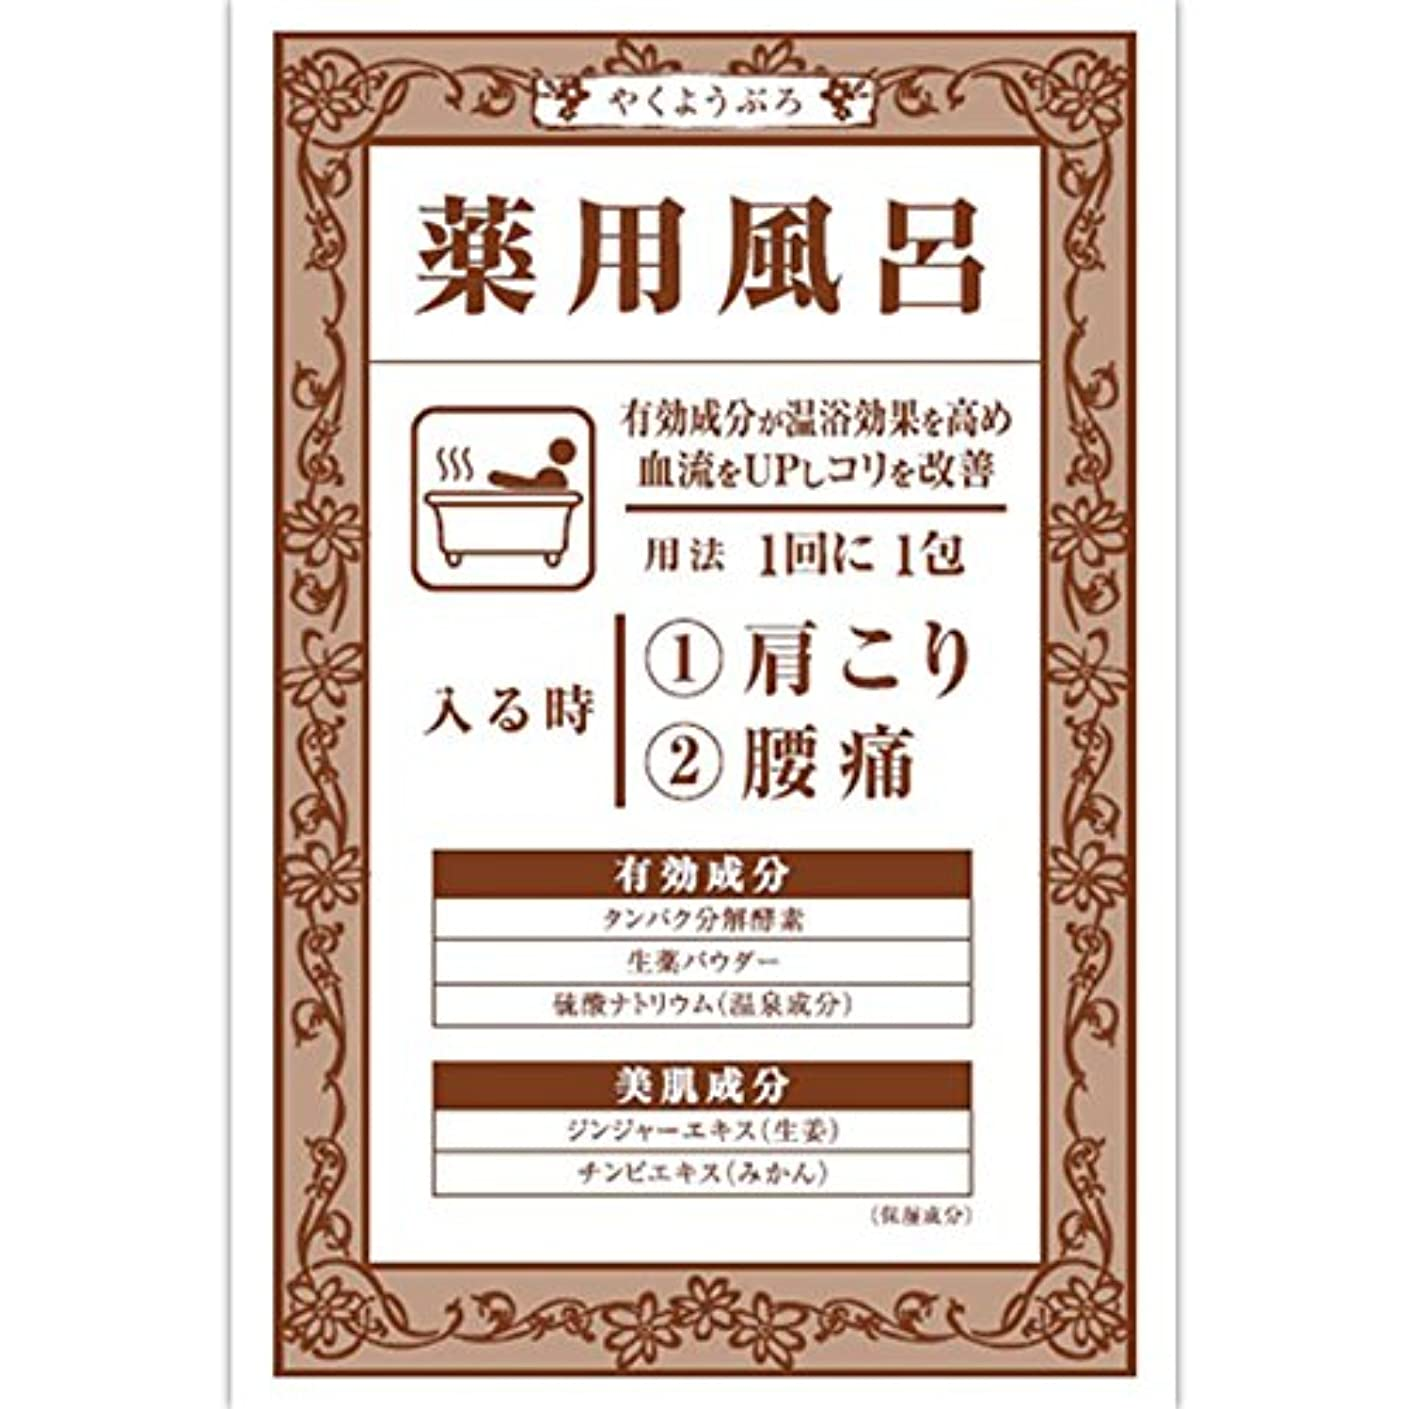 通信する実質的控えめな大山 薬用風呂KKa(肩こり?腰痛) 40G(医薬部外品)